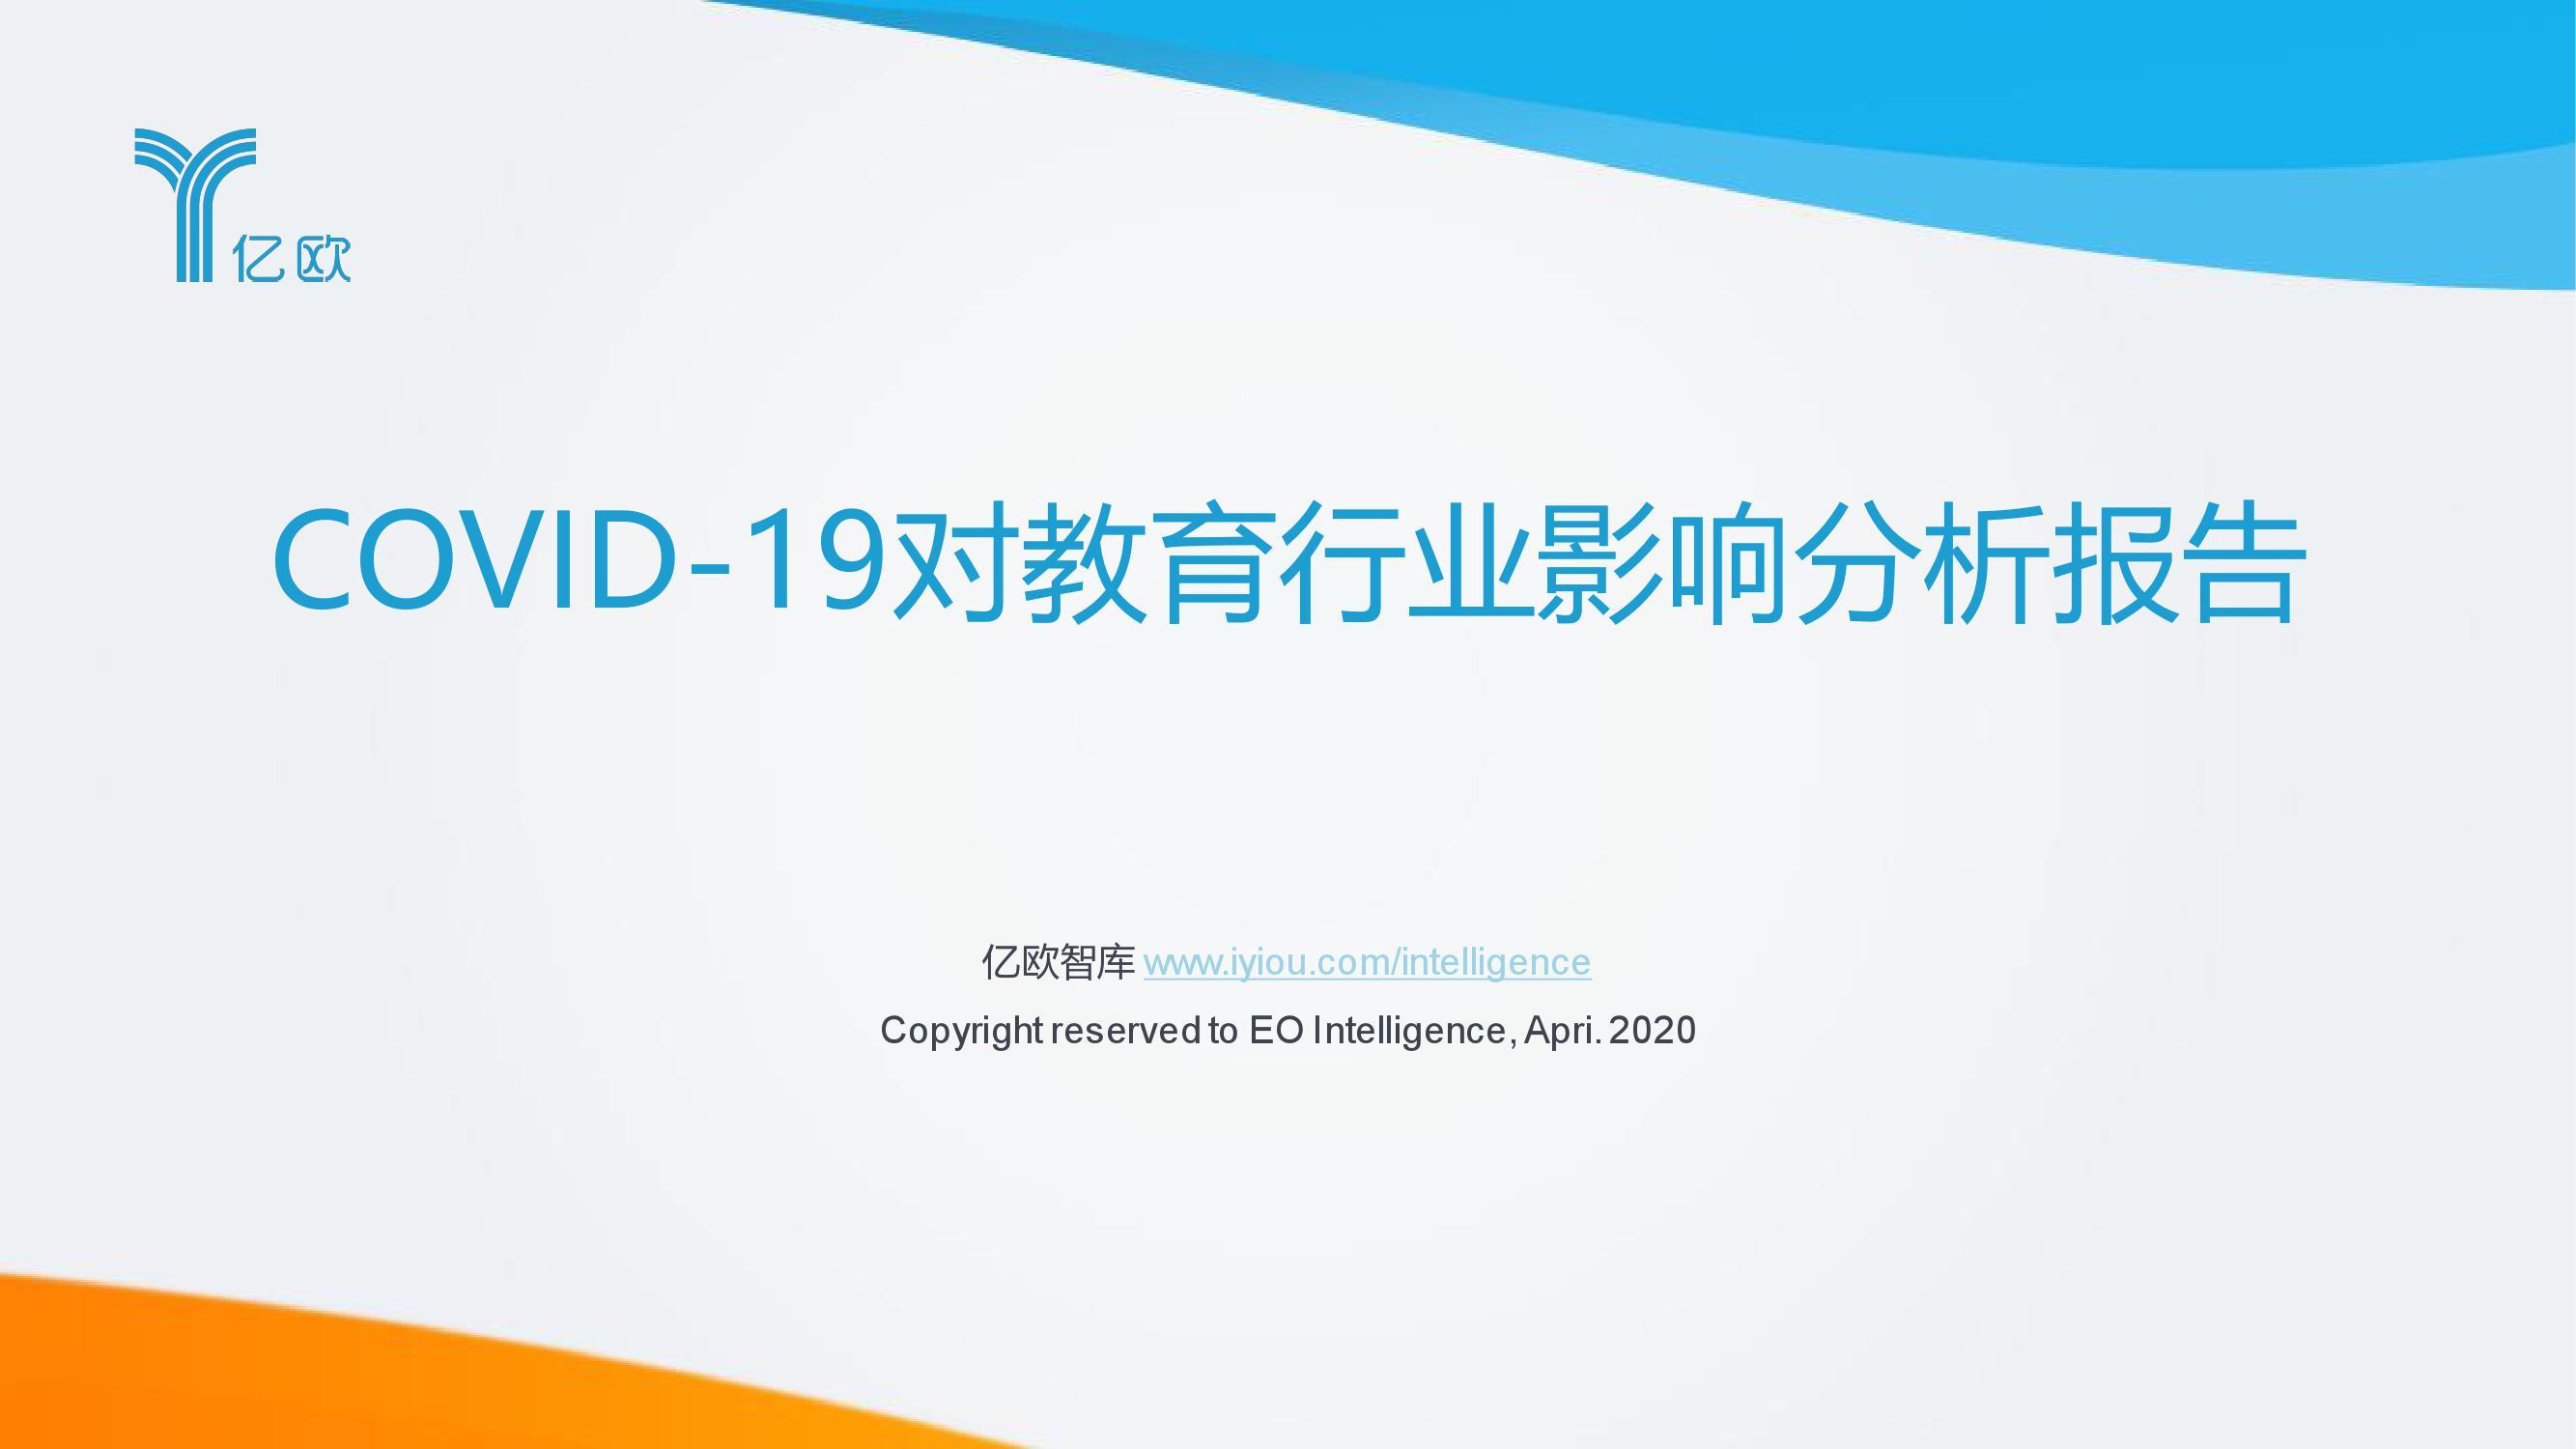 亿欧智库:COVID-19对教育行业影响分析报告(附下载)